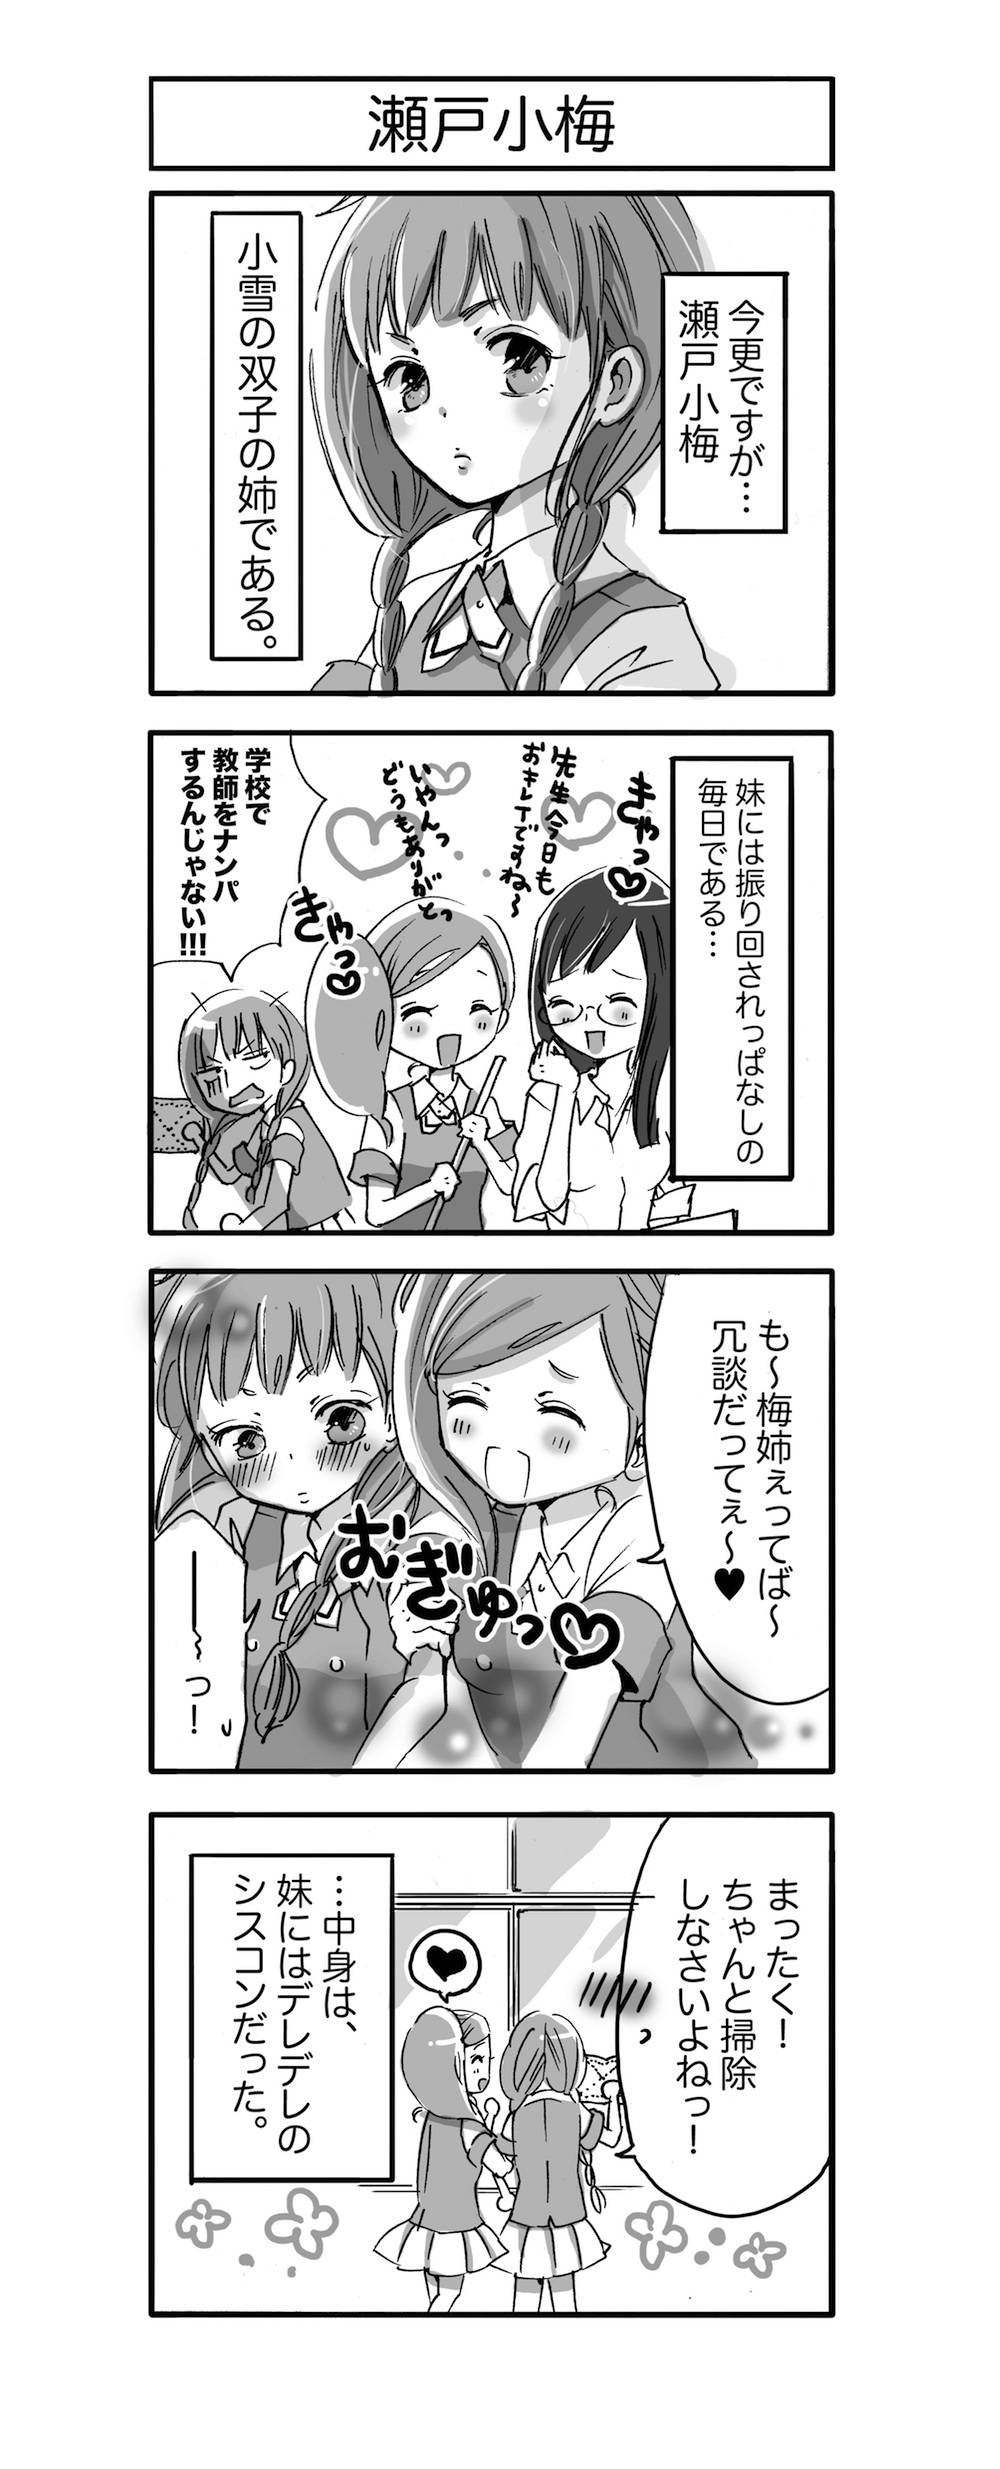 ゲーム女子漫画